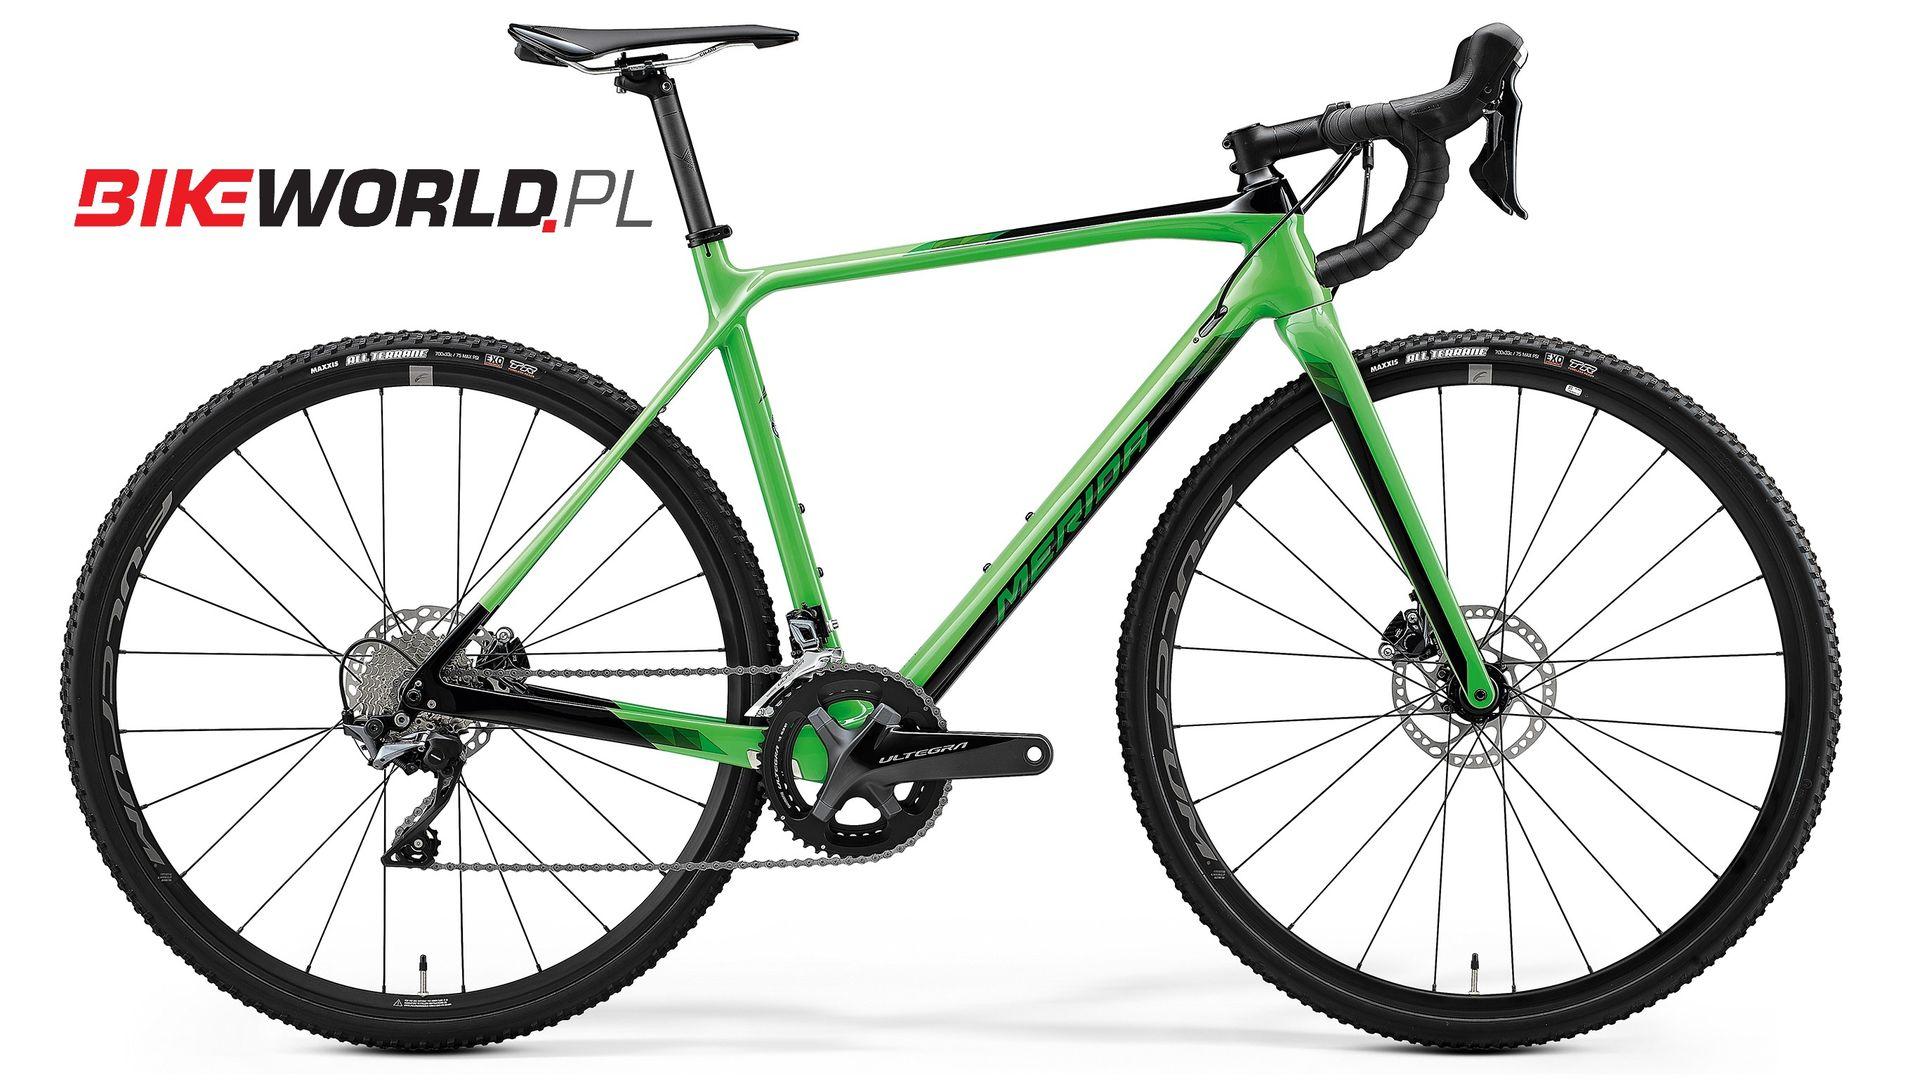 rower przełajowy Merida, rowery przełajowe, przełajówka, Merida Mission CX 7000, przełaje, rower przełaj, rower przełajowy